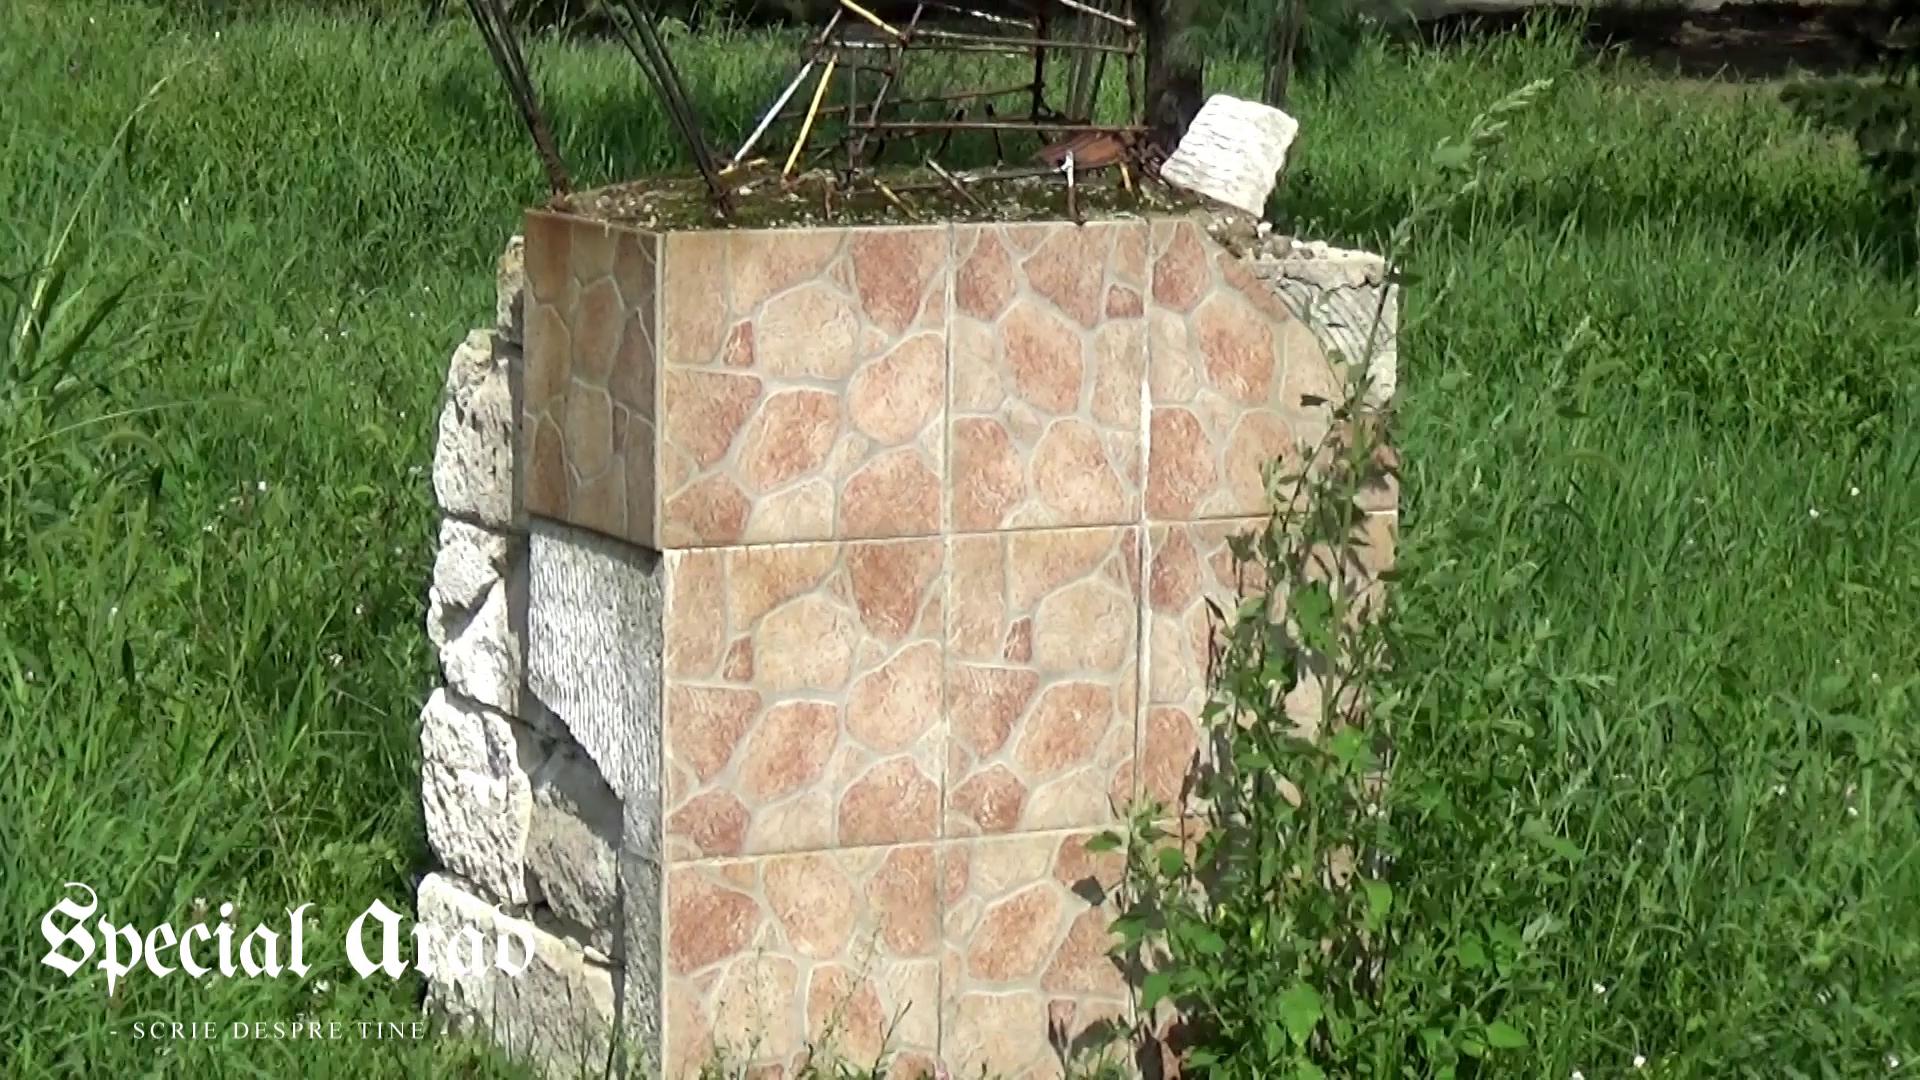 vlcsnap-2014-08-09-02h32m13s93